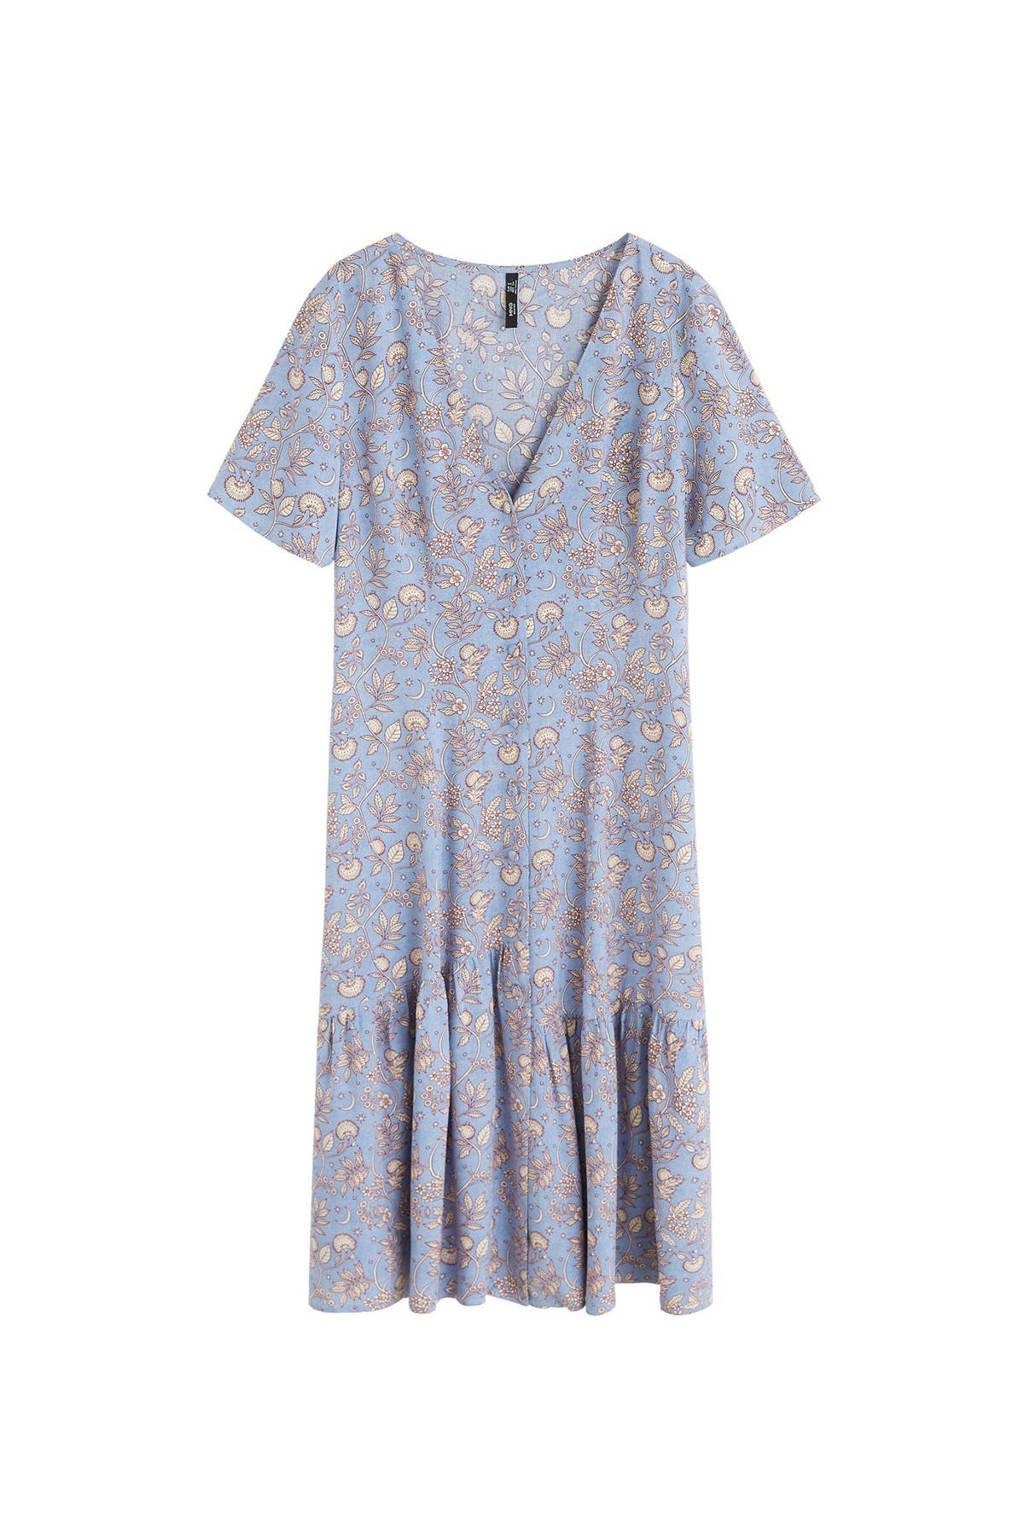 Mango jurk met all over print lichtblauw, Lichtblauw